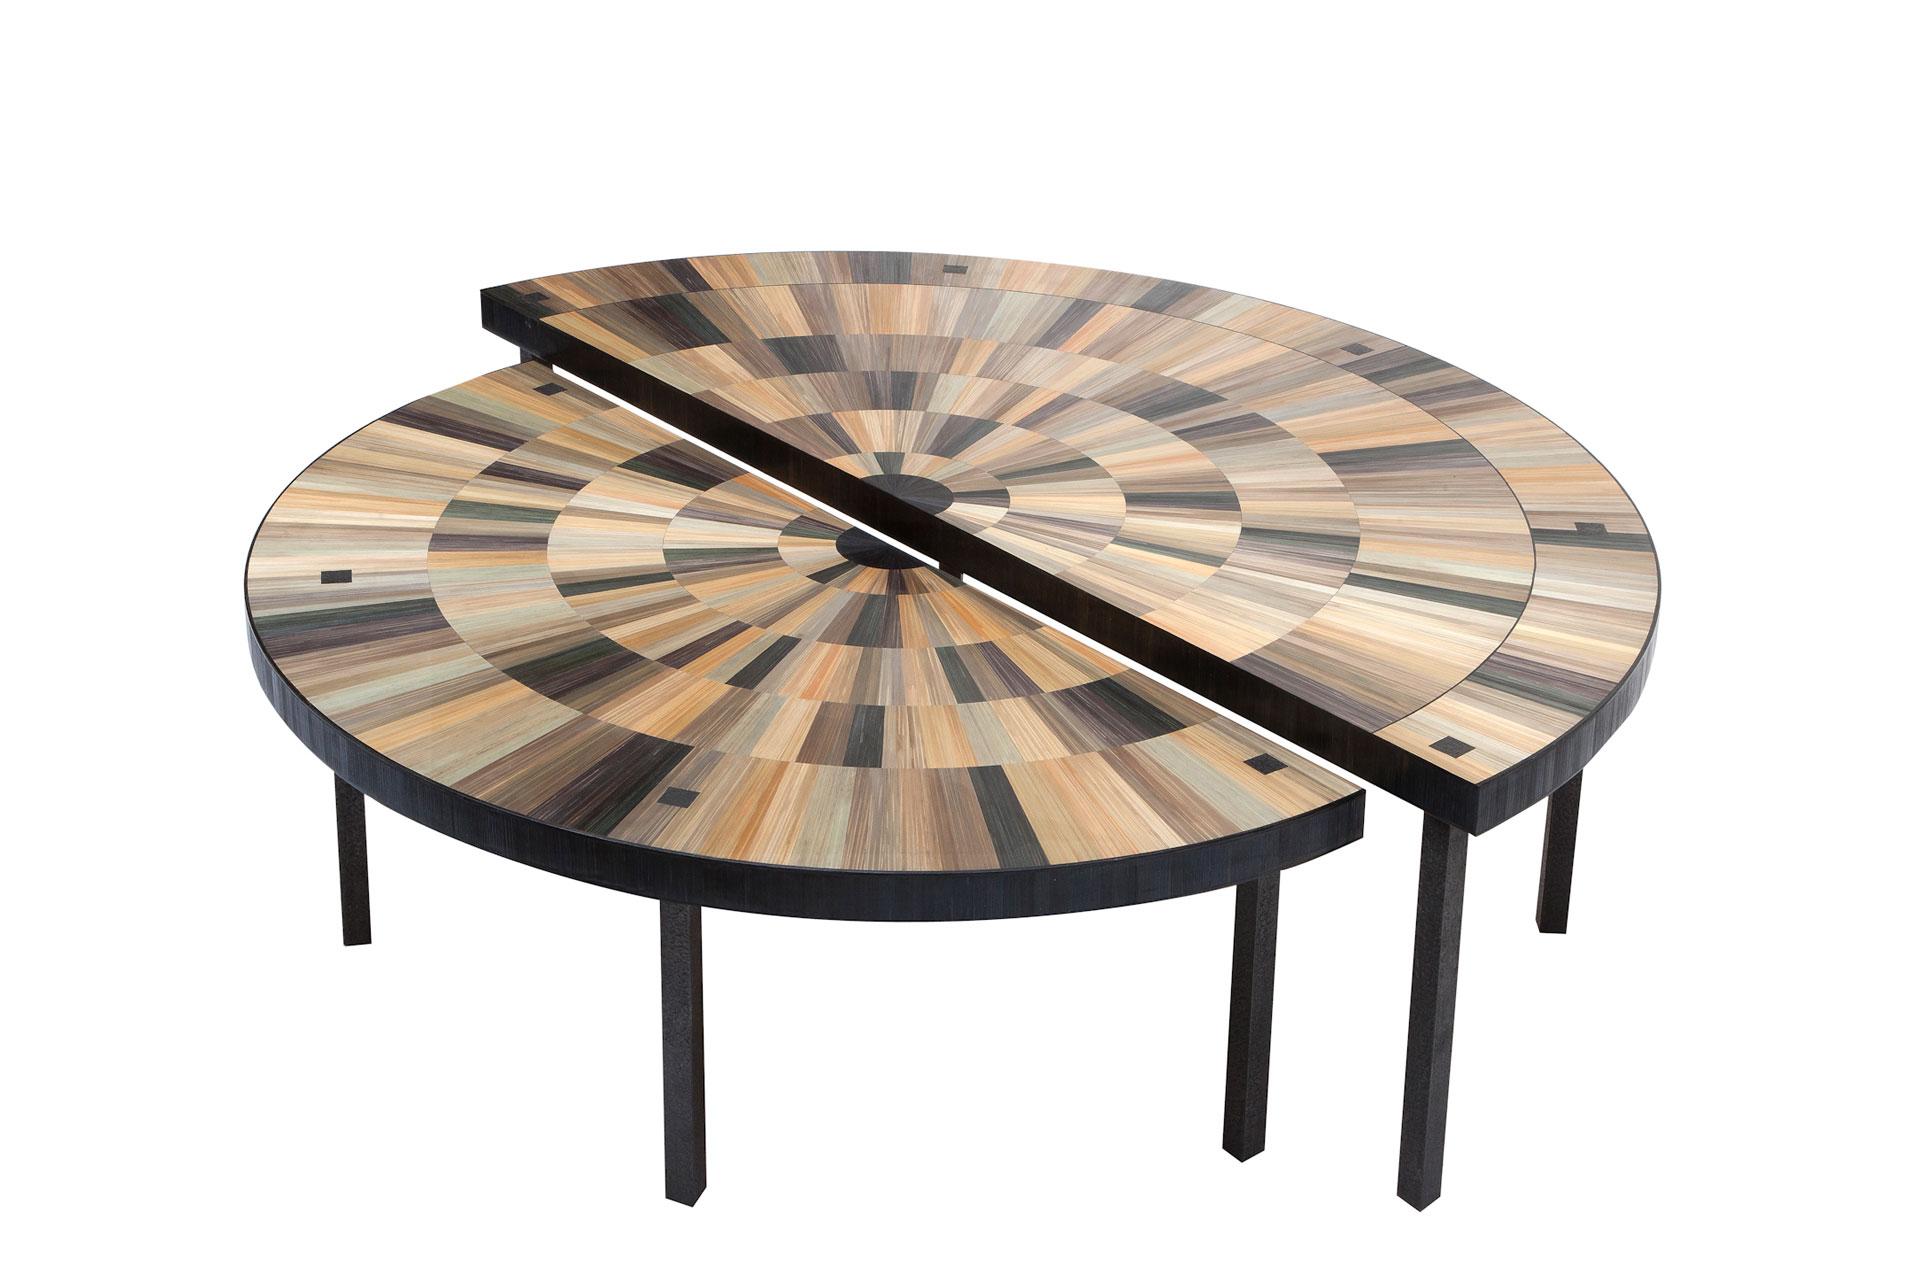 mobilier laurent bourgois et caroline sarkozy. Black Bedroom Furniture Sets. Home Design Ideas